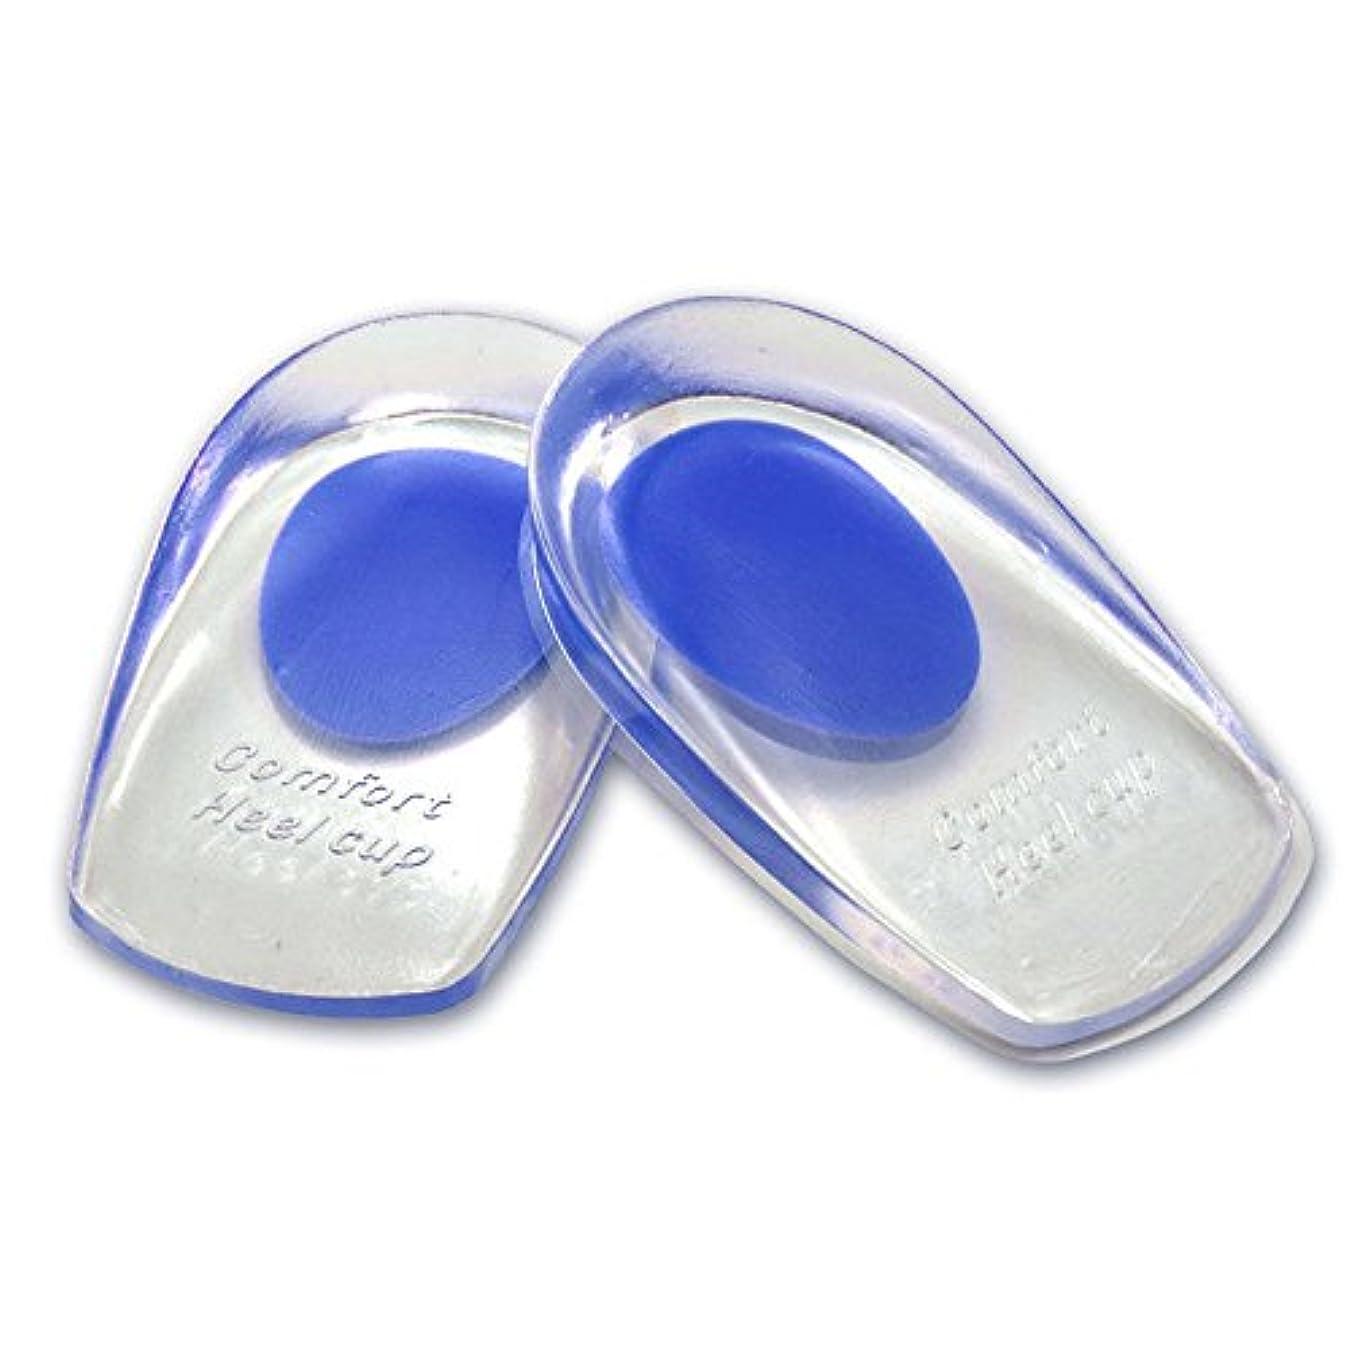 ヘルパー人気回転するシリコンヒールカップ かかとの痛み防止に ソフトシリコン製 インソールクッション 衝撃緩和 立体形状 フィット感抜群 FMTMXCA2S (ブルー(靴サイズ24.5~27.5cm用))